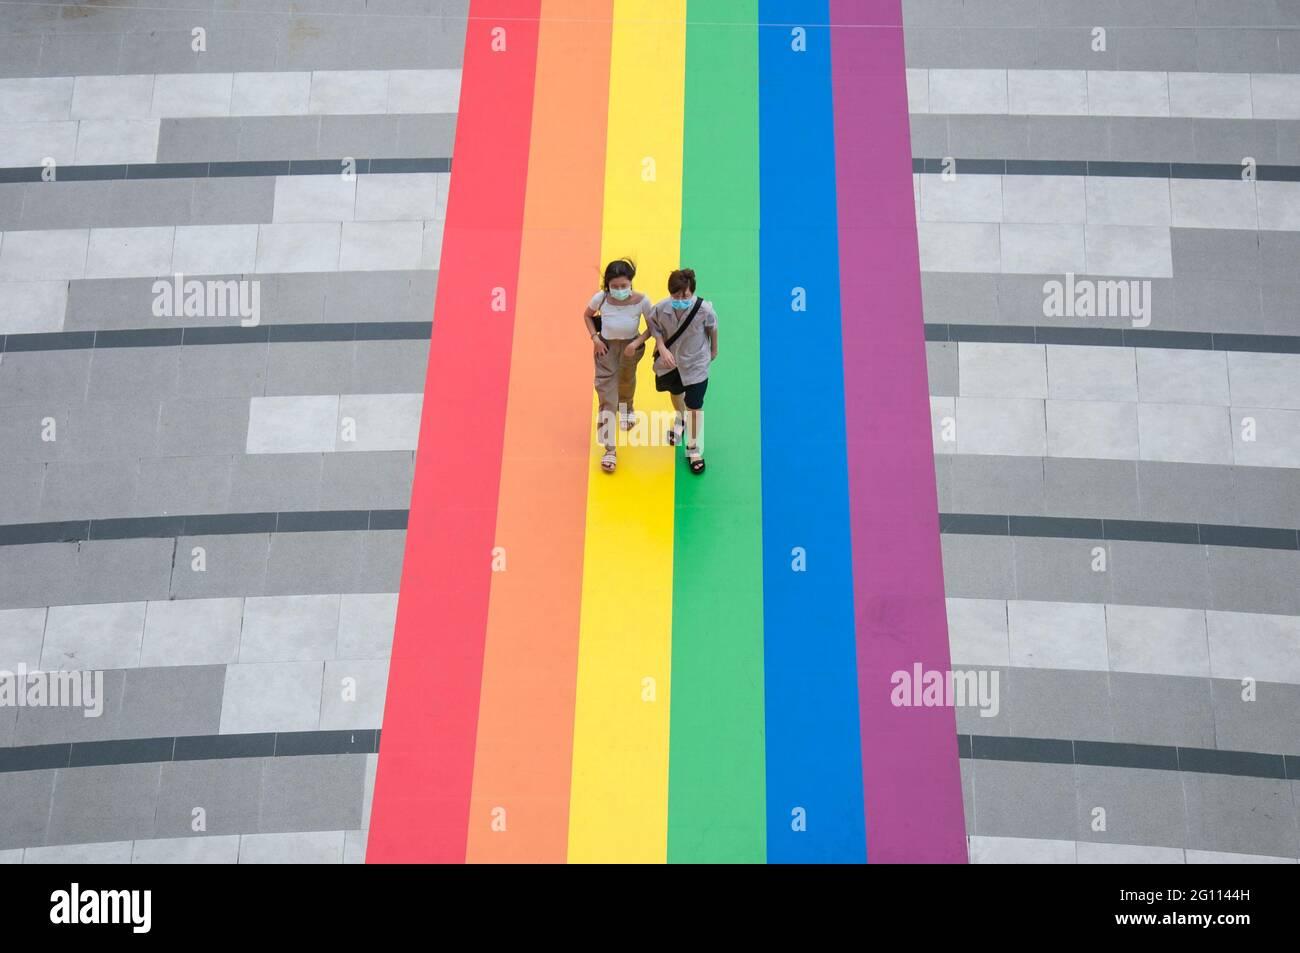 Bangkok, Thailandia. 04 giugno 2021. La gente cammina su una bandiera enorme dell'arcobaleno situata all'entrata del centro commerciale di Samyan Mitrtown.Samyan Mitrtown, uno shopping misto-uso, ufficio, Lo sviluppo residenziale e di svago ha celebrato il mese di orgoglio di LGBTQ 2021 decorato il pavimento all'entrata e il tunnel del centro commerciale con la bandiera enorme e lunga dell'arcobaleno. 'Samyan Mir Proud 100% Love' a Bangkok, Thailandia. Credit: SOPA Images Limited/Alamy Live News Foto Stock